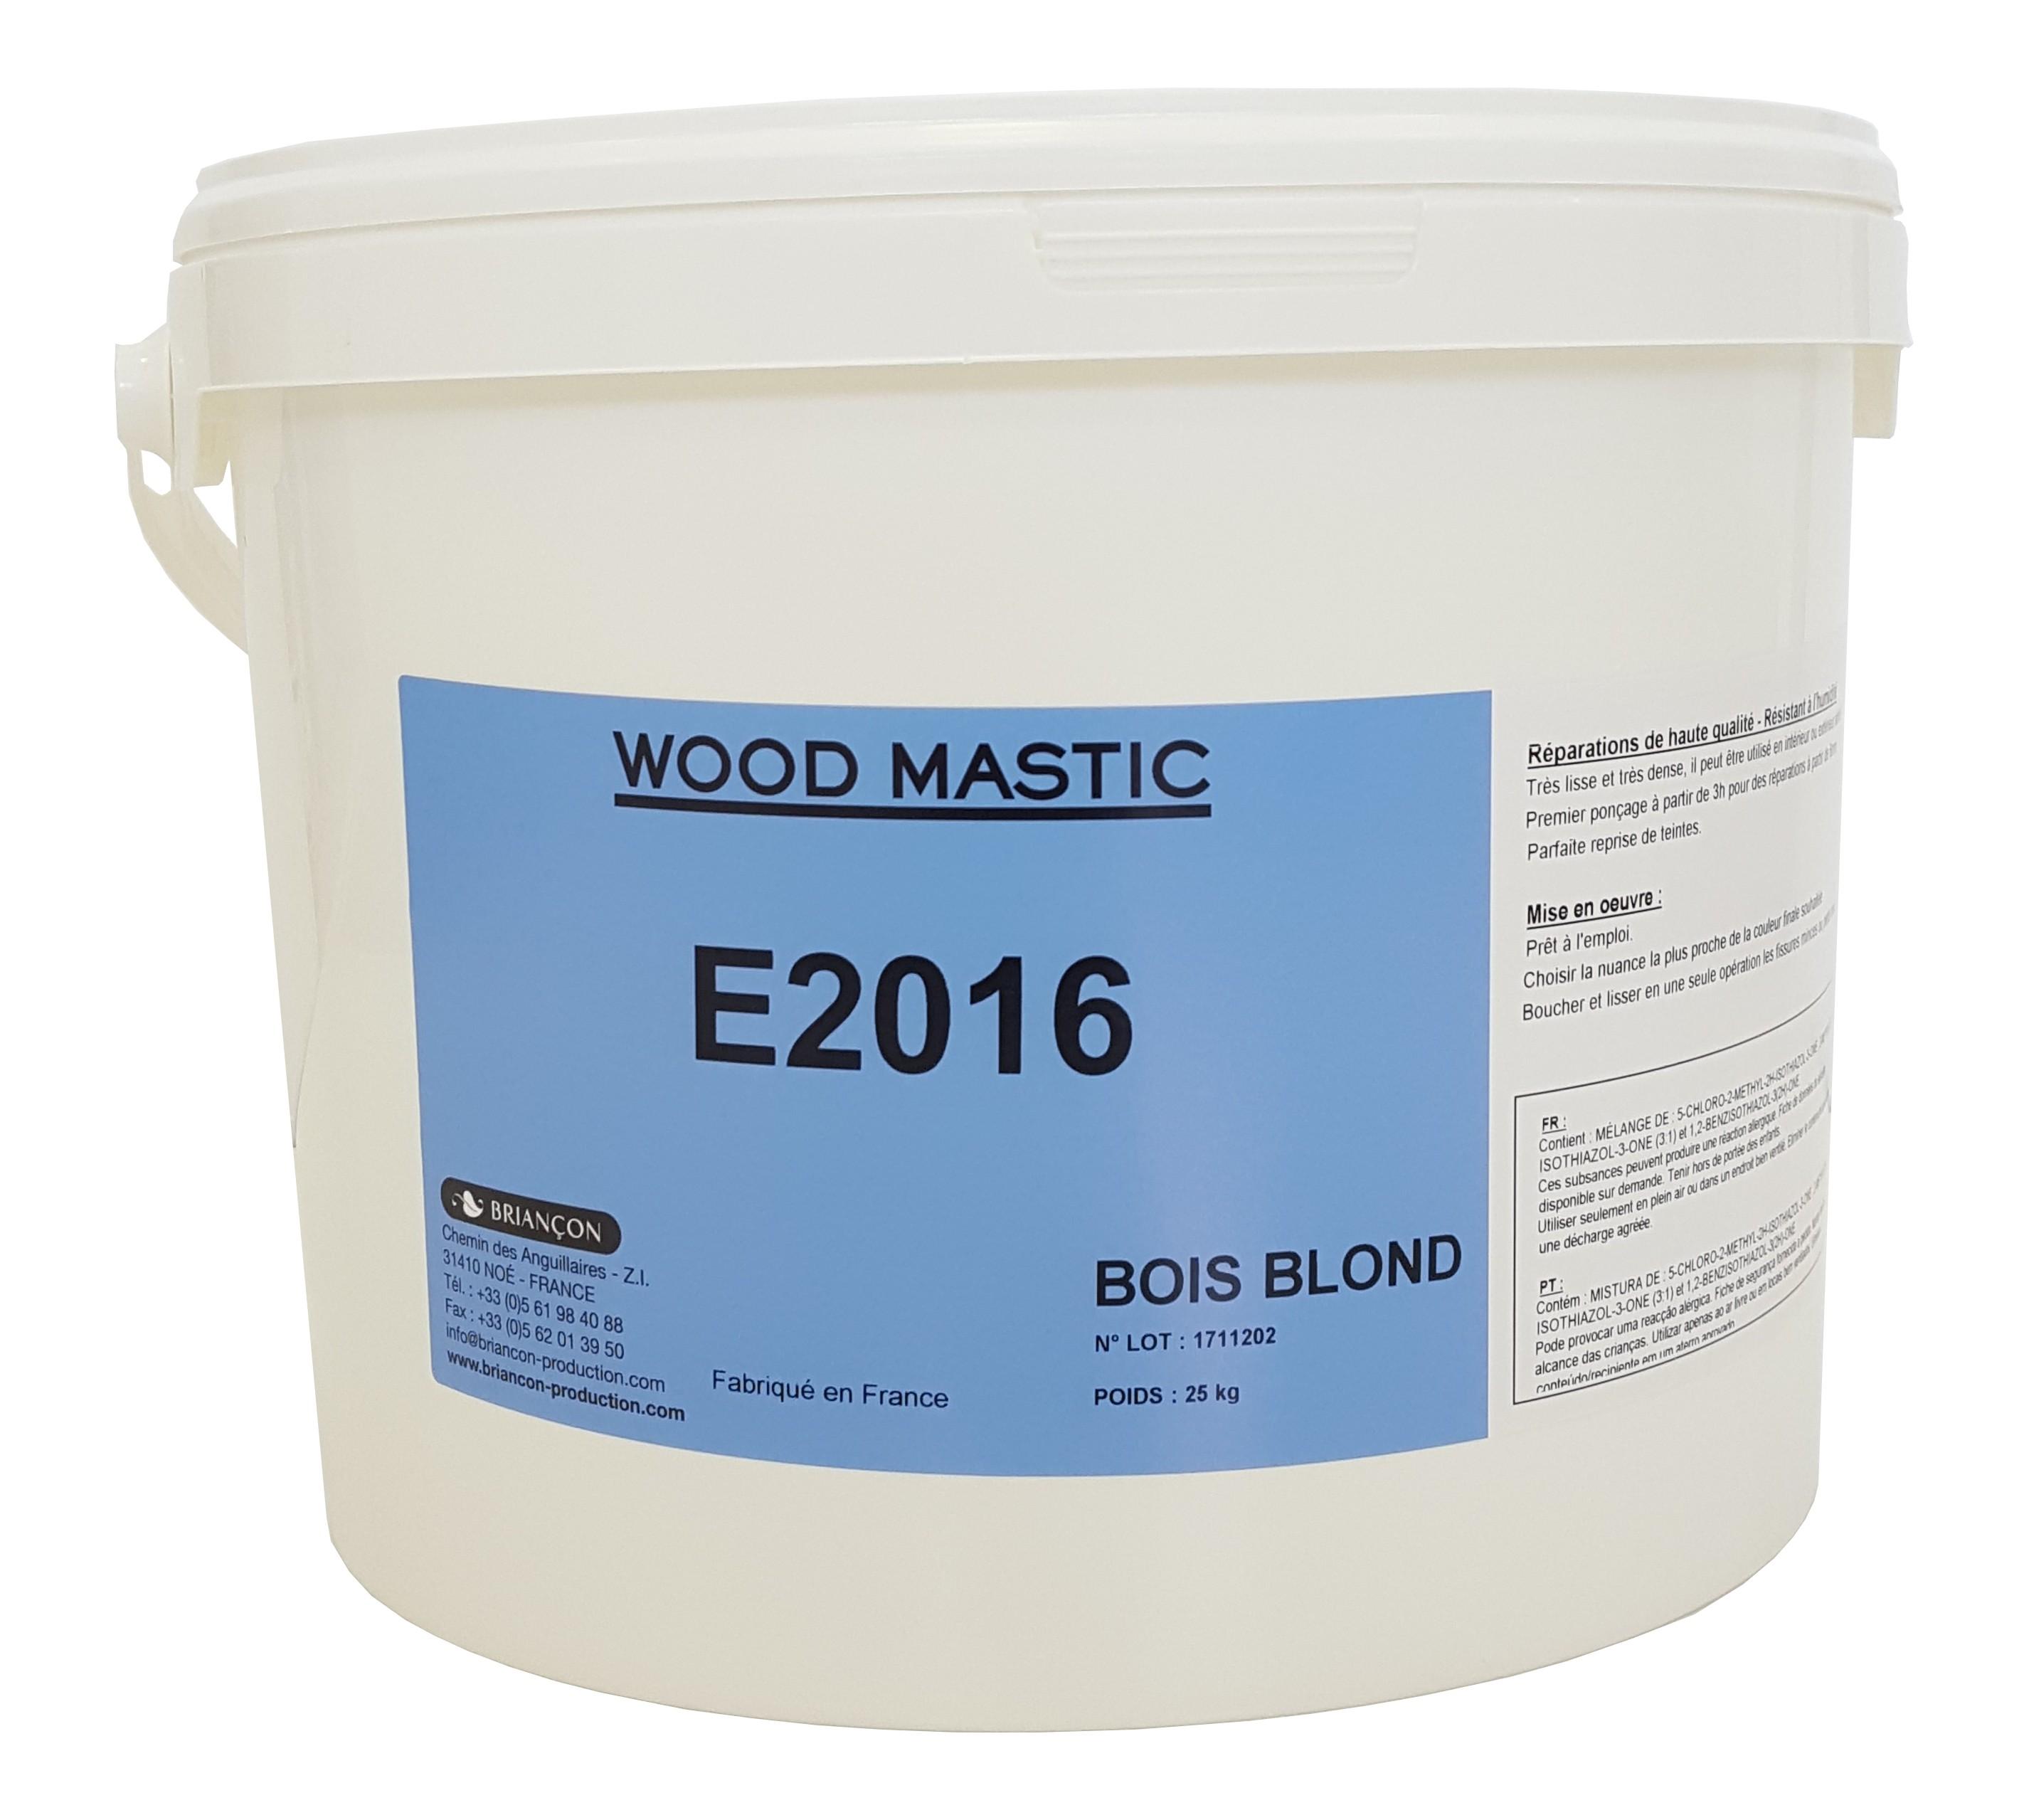 Wood Mastic E2016 - Mastic prêt à l'emploi